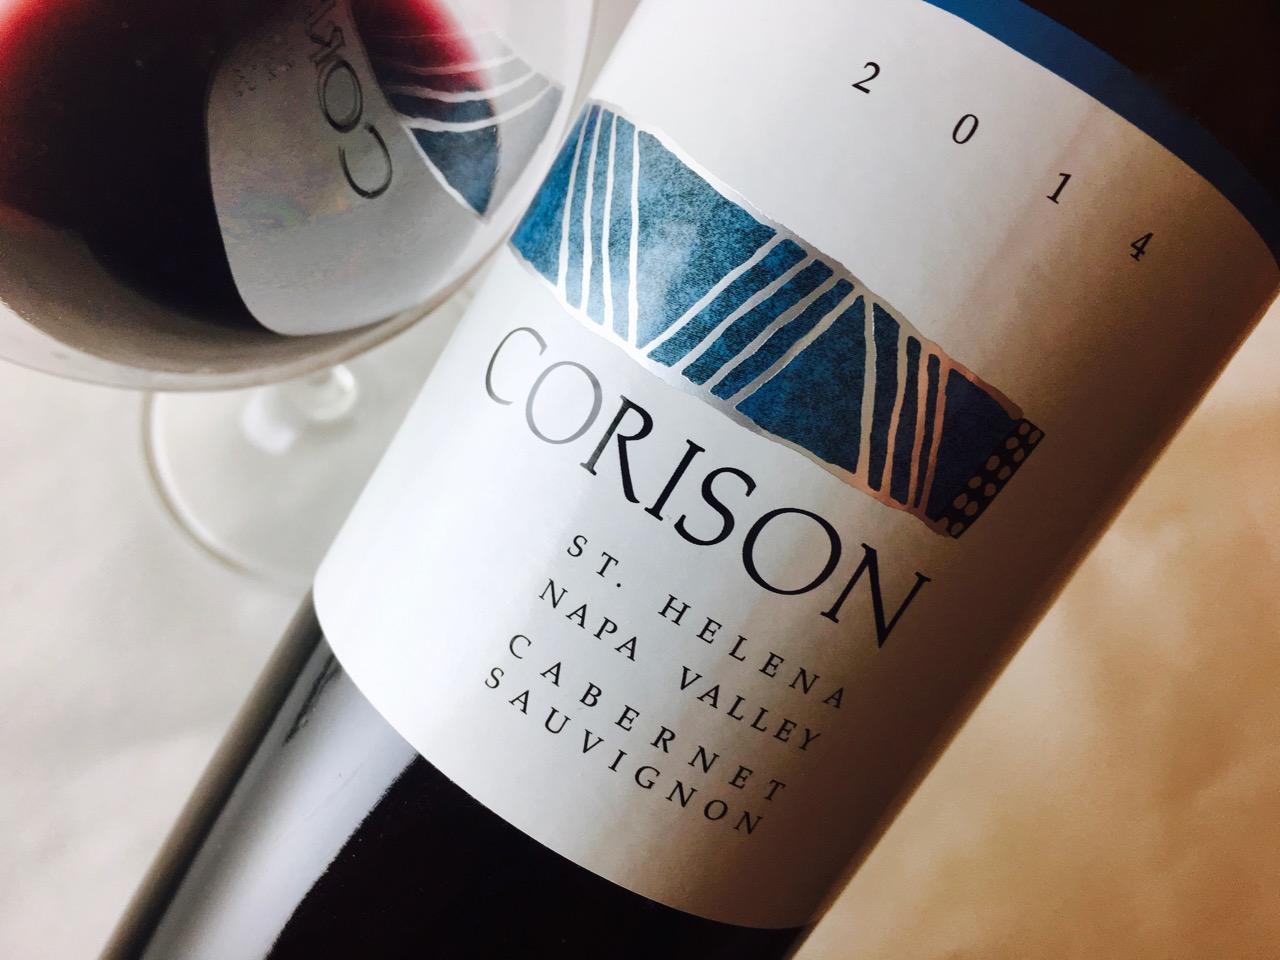 2014 Corison Cabernet Sauvignon Napa Valley